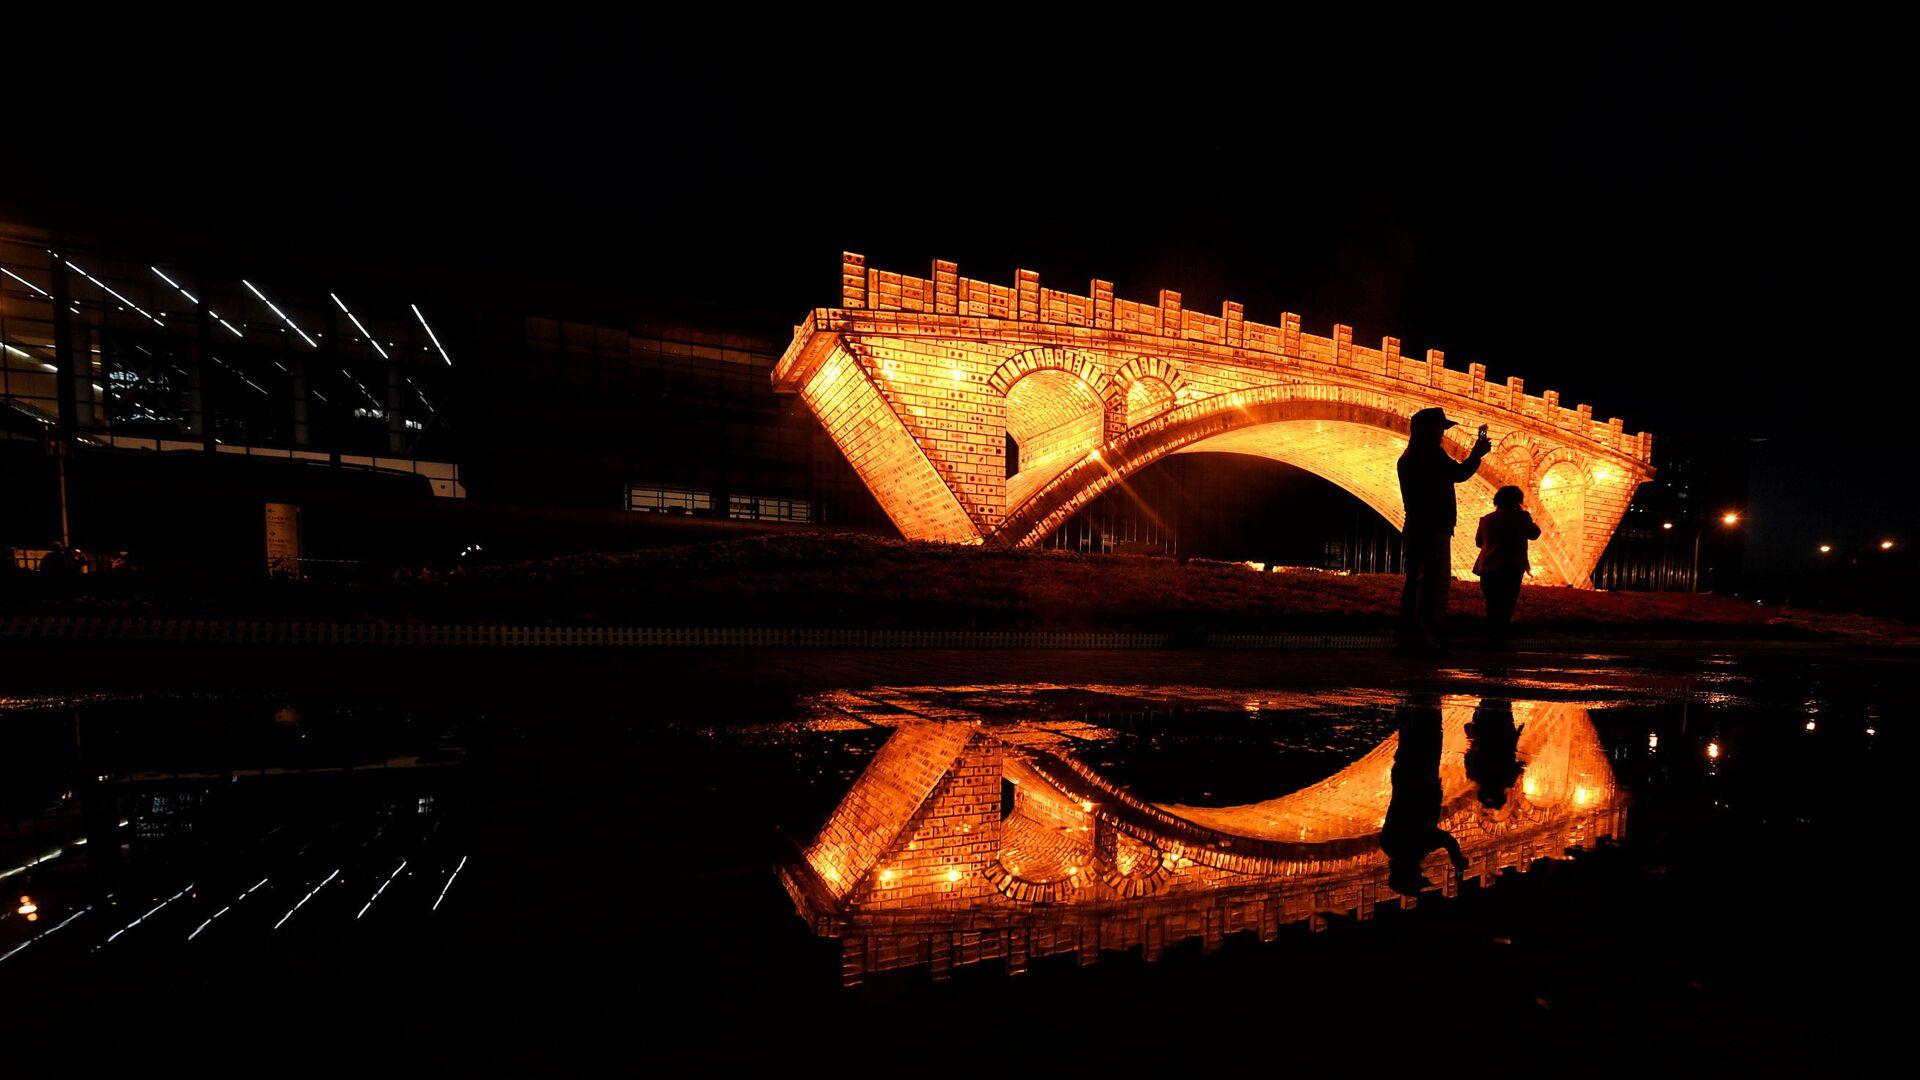 Instalación Puente de Oro en la Ruta de la Seda en Pekín - Sputnik Mundo, 1920, 27.03.2021